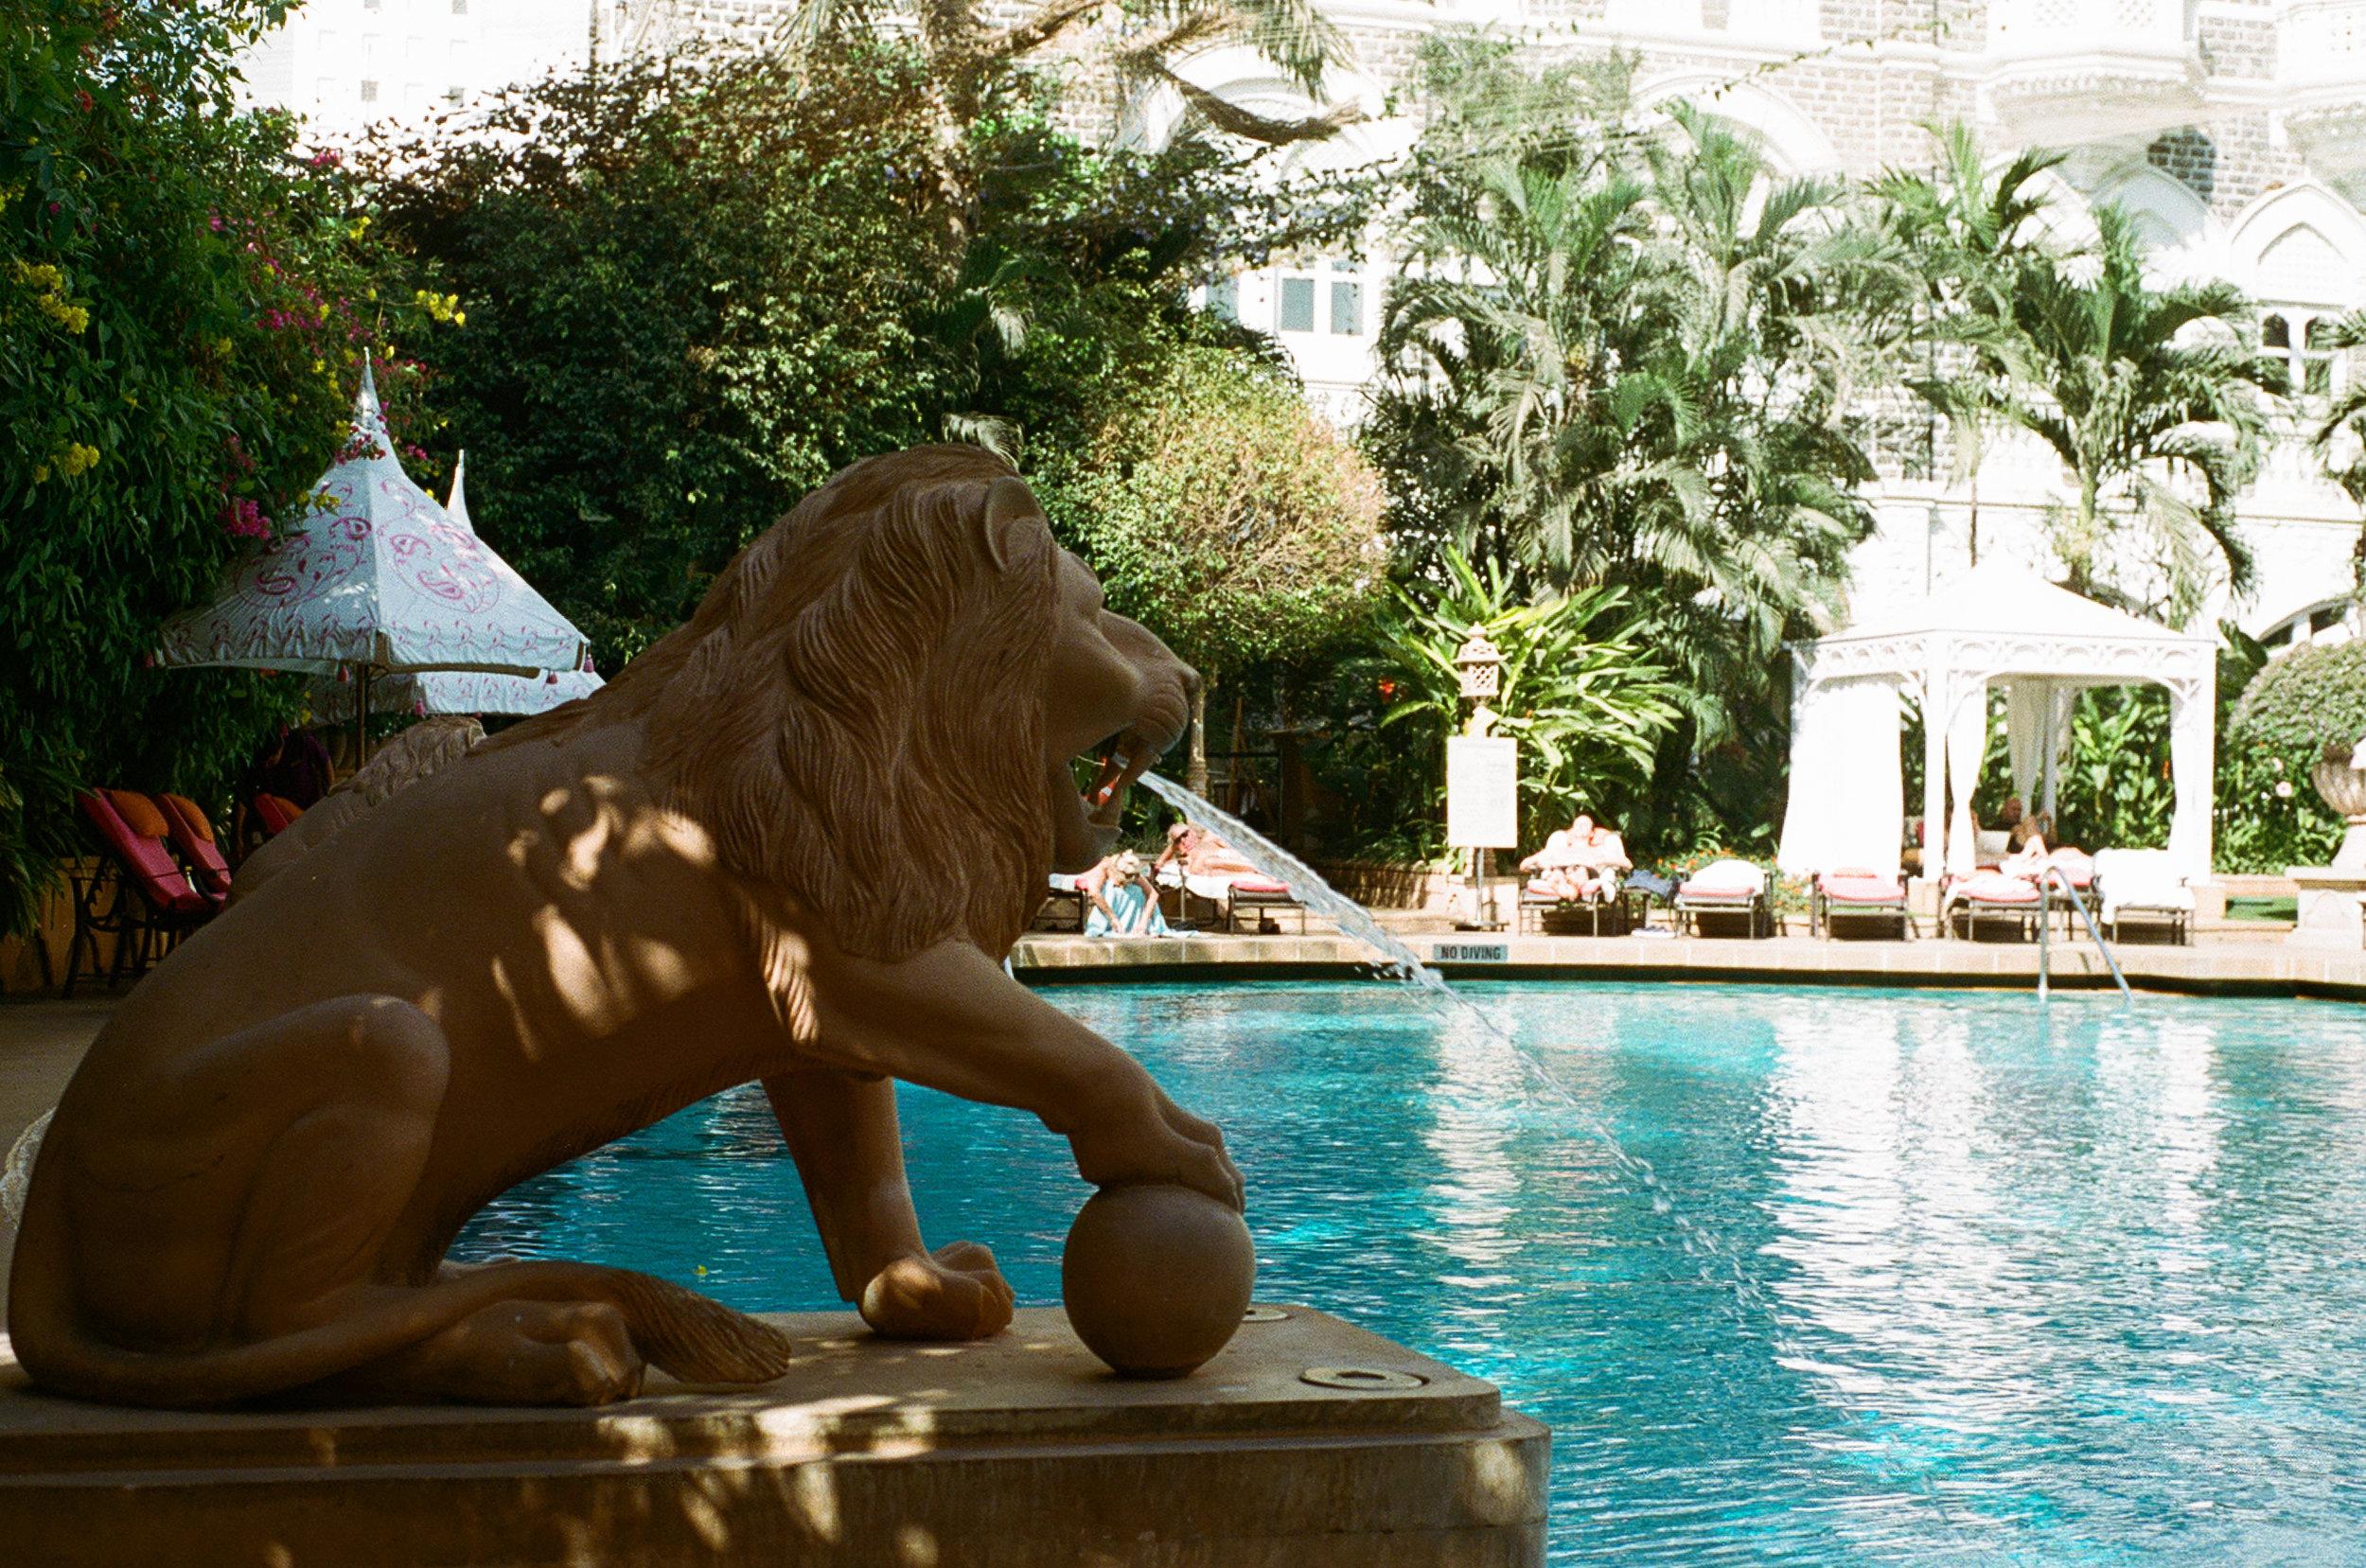 Taj Mahal Palace Hotel Mumbai Bombay India Portra 400 Minolta X-700 (42 of 65).jpg